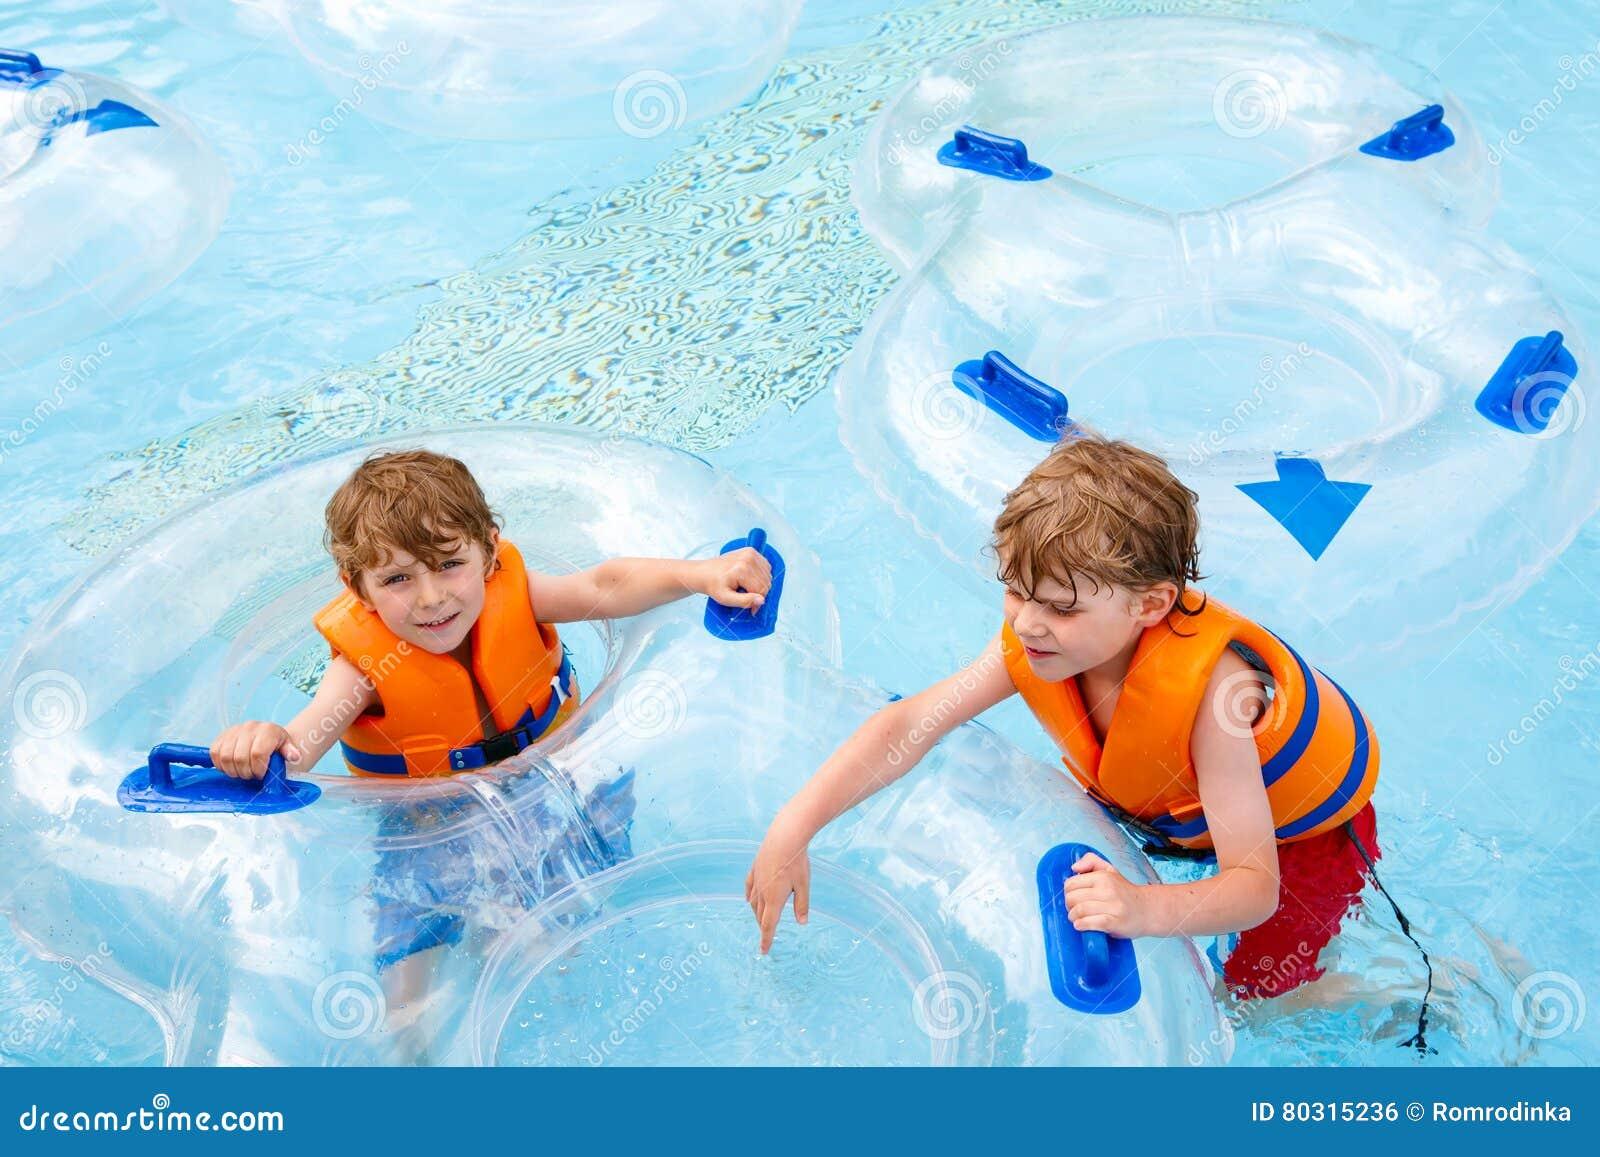 Aufgeregte Kinder im Wasser parken Reiten auf Dia mit Floss